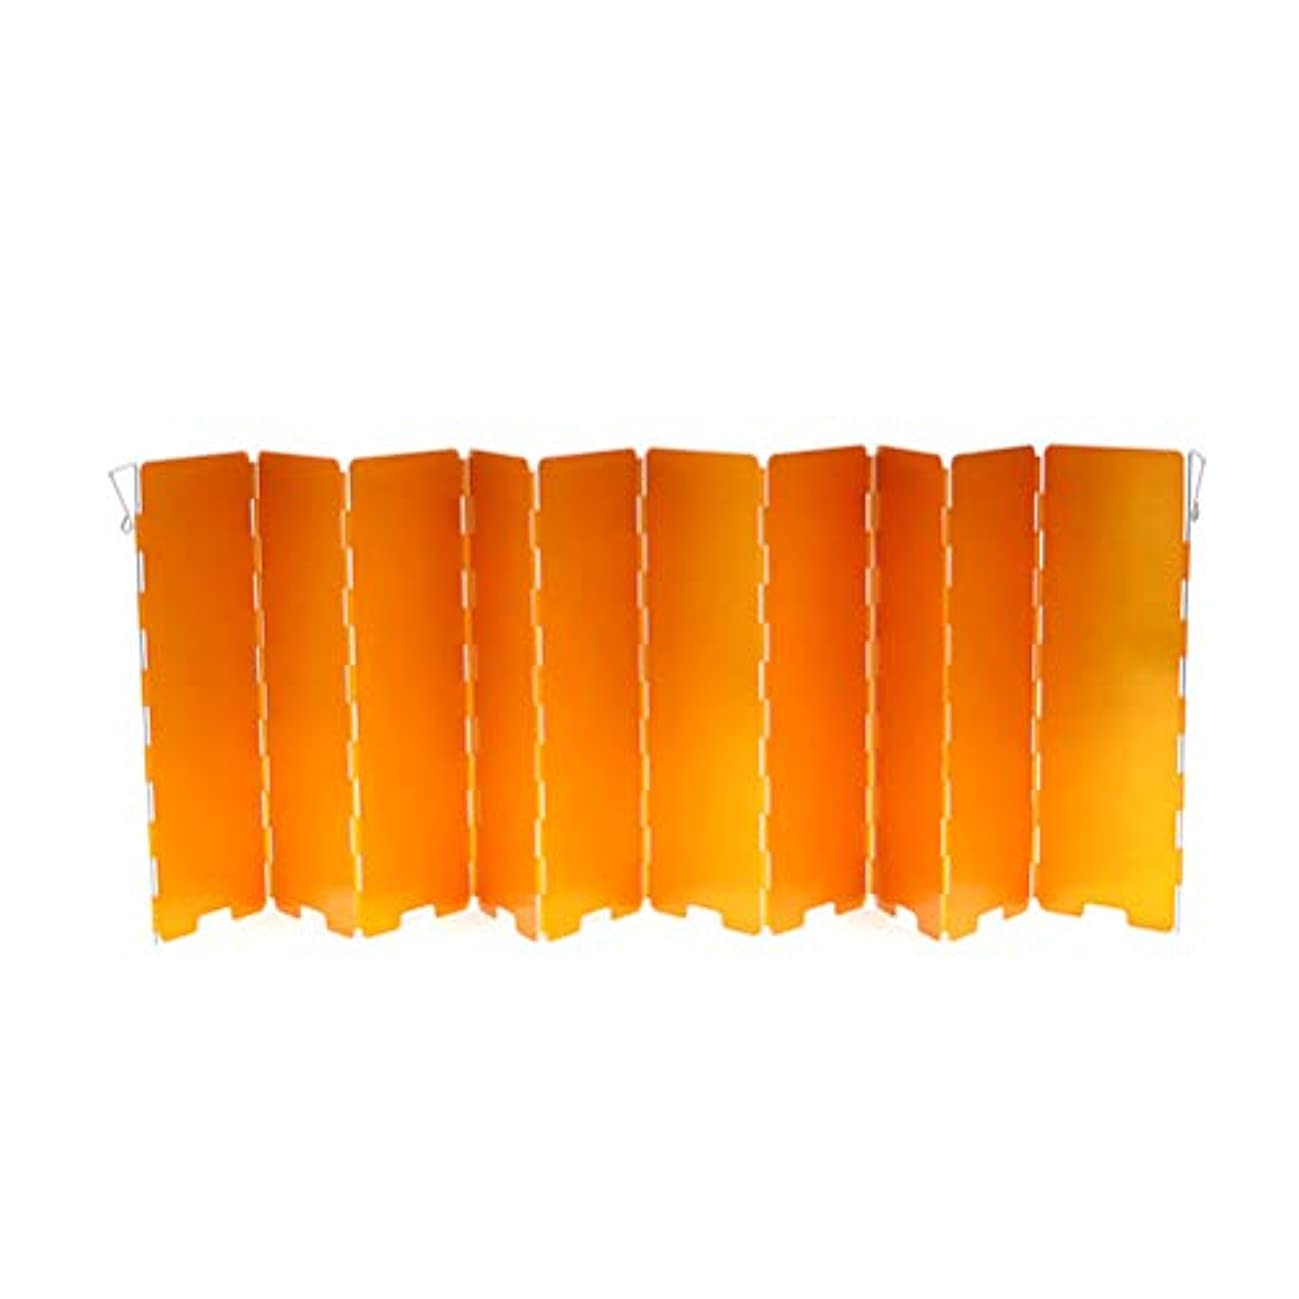 環境保護主義者日焼けコックLioobo 10プレート軽量ストーブフロントガラス折りたたみストーブフロントガラスアルミ合金風防用屋外キャンプバーベキューピクニック